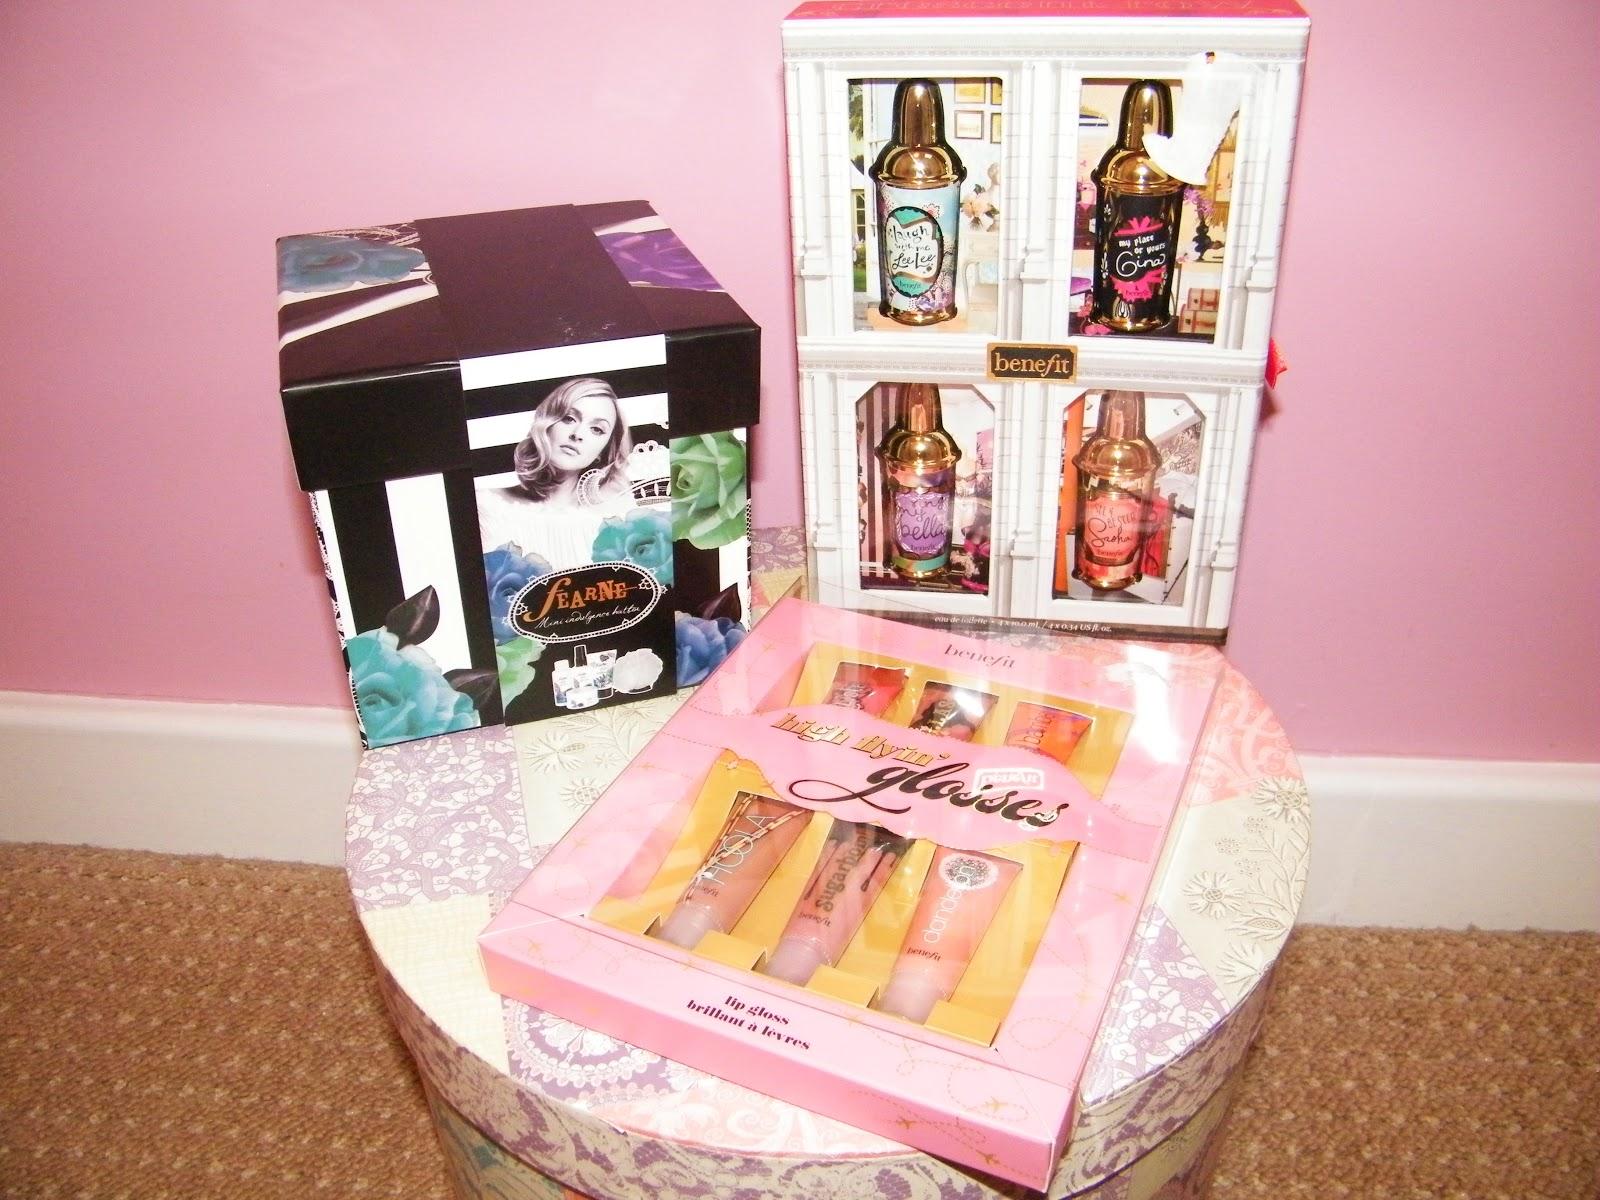 Benefit Perfumes & Lipgloss Gift Set